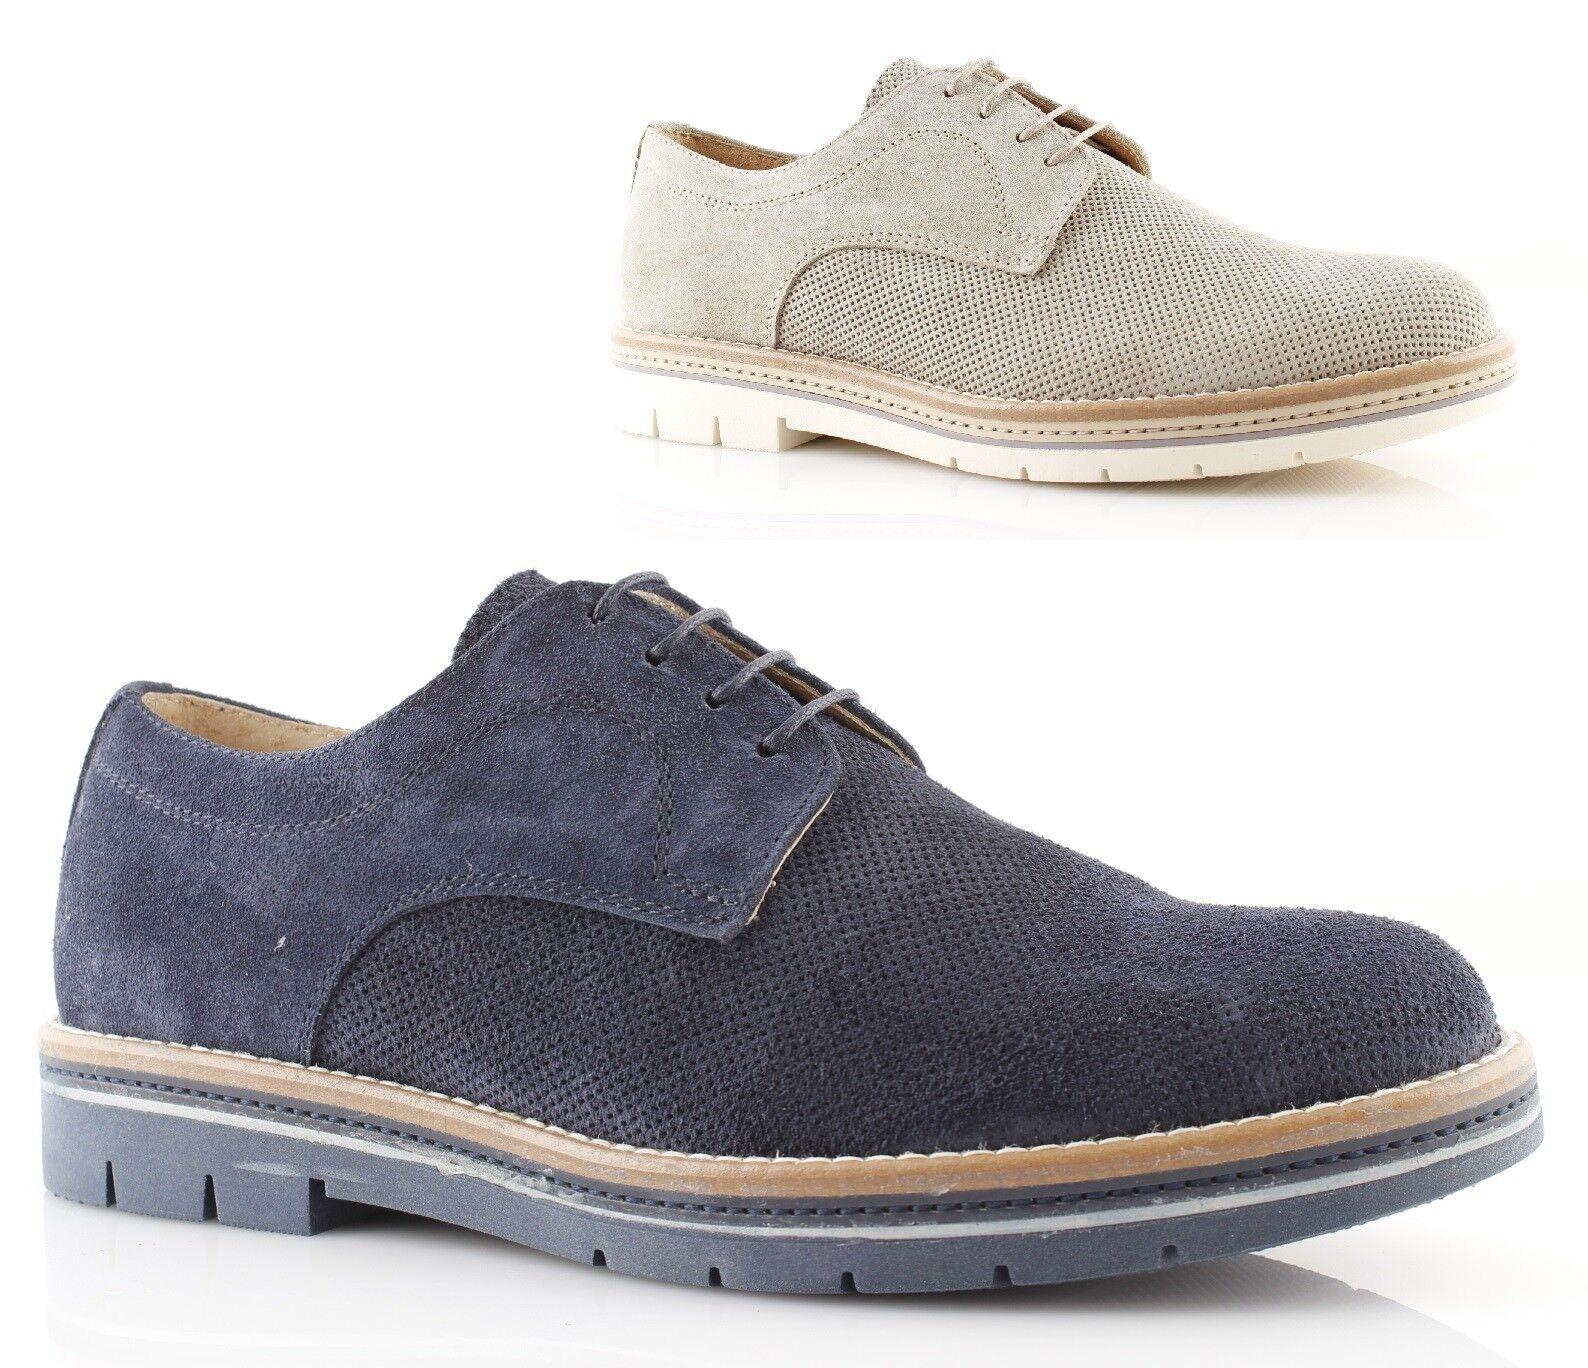 05c02aadf30200 Chaussures derby homme en daim en daim beige bleu été été été italien   New  Style,En Ligne   De Haute Sécurité 835888